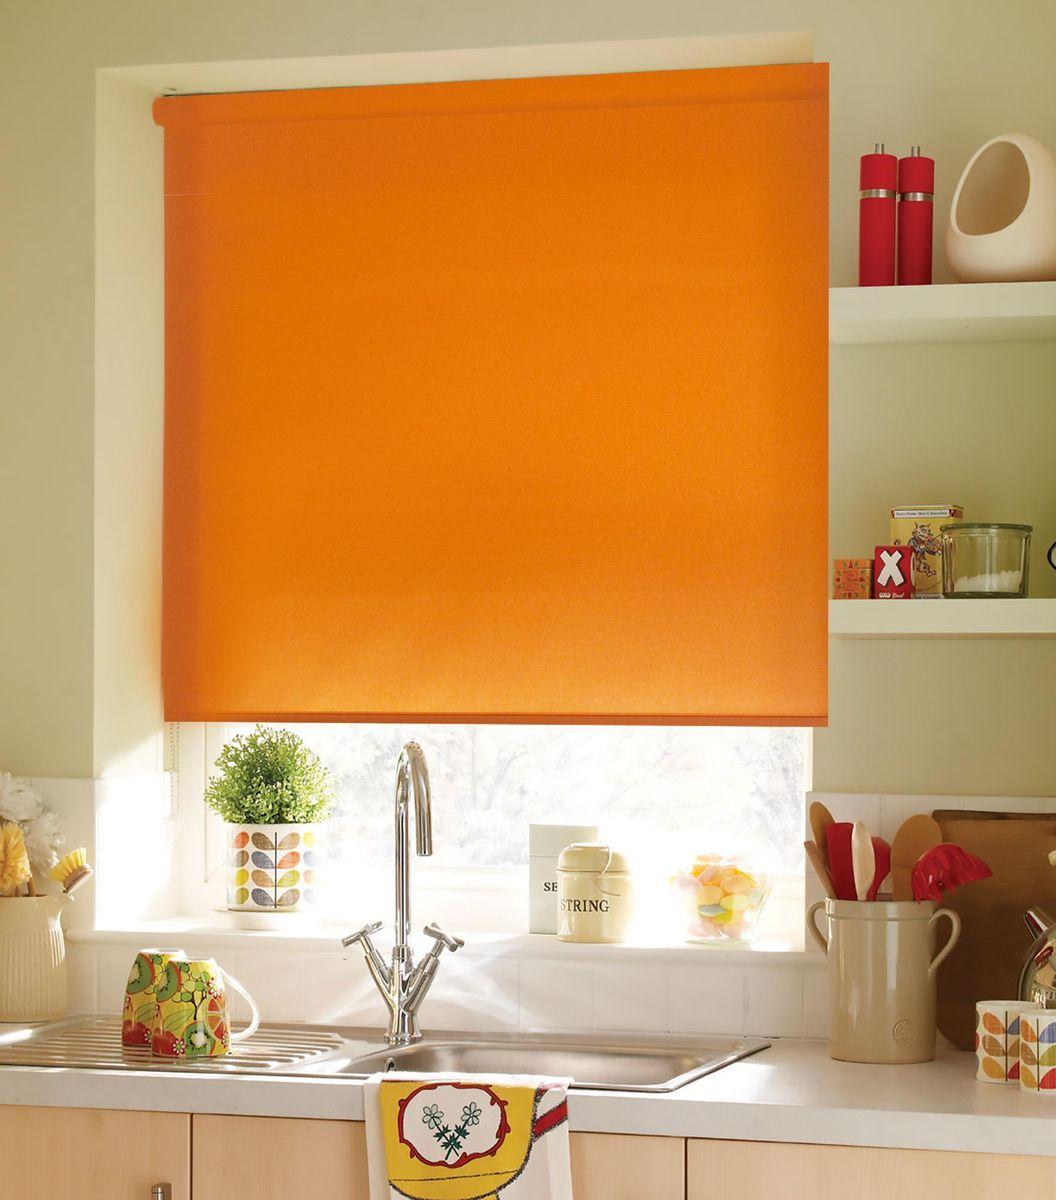 Штора рулонная Эскар, цвет: апельсиновый, ширина 130 см, высота 170 смS03301004Рулонными шторами можно оформлять окна как самостоятельно, так и использовать в комбинации с портьерами. Это поможет предотвратить выгорание дорогой ткани на солнце и соединит функционал рулонных с красотой навесных.Преимущества применения рулонных штор для пластиковых окон:- имеют прекрасный внешний вид: многообразие и фактурность материала изделия отлично смотрятся в любом интерьере; - многофункциональны: есть возможность подобрать шторы способные эффективно защитить комнату от солнца, при этом о на не будет слишком темной. - Есть возможность осуществить быстрый монтаж. ВНИМАНИЕ! Размеры ширины изделия указаны по ширине ткани!Во время эксплуатации не рекомендуется полностью разматывать рулон, чтобы не оторвать ткань от намоточного вала.В случае загрязнения поверхности ткани, чистку шторы проводят одним из способов, в зависимости от типа загрязнения: легкое поверхностное загрязнение можно удалить при помощи канцелярского ластика; чистка от пыли производится сухим методом при помощи пылесоса с мягкой щеткой-насадкой; для удаления пятна используйте мягкую губку с пенообразующим неагрессивным моющим средством или пятновыводитель на натуральной основе (нельзя применять растворители).